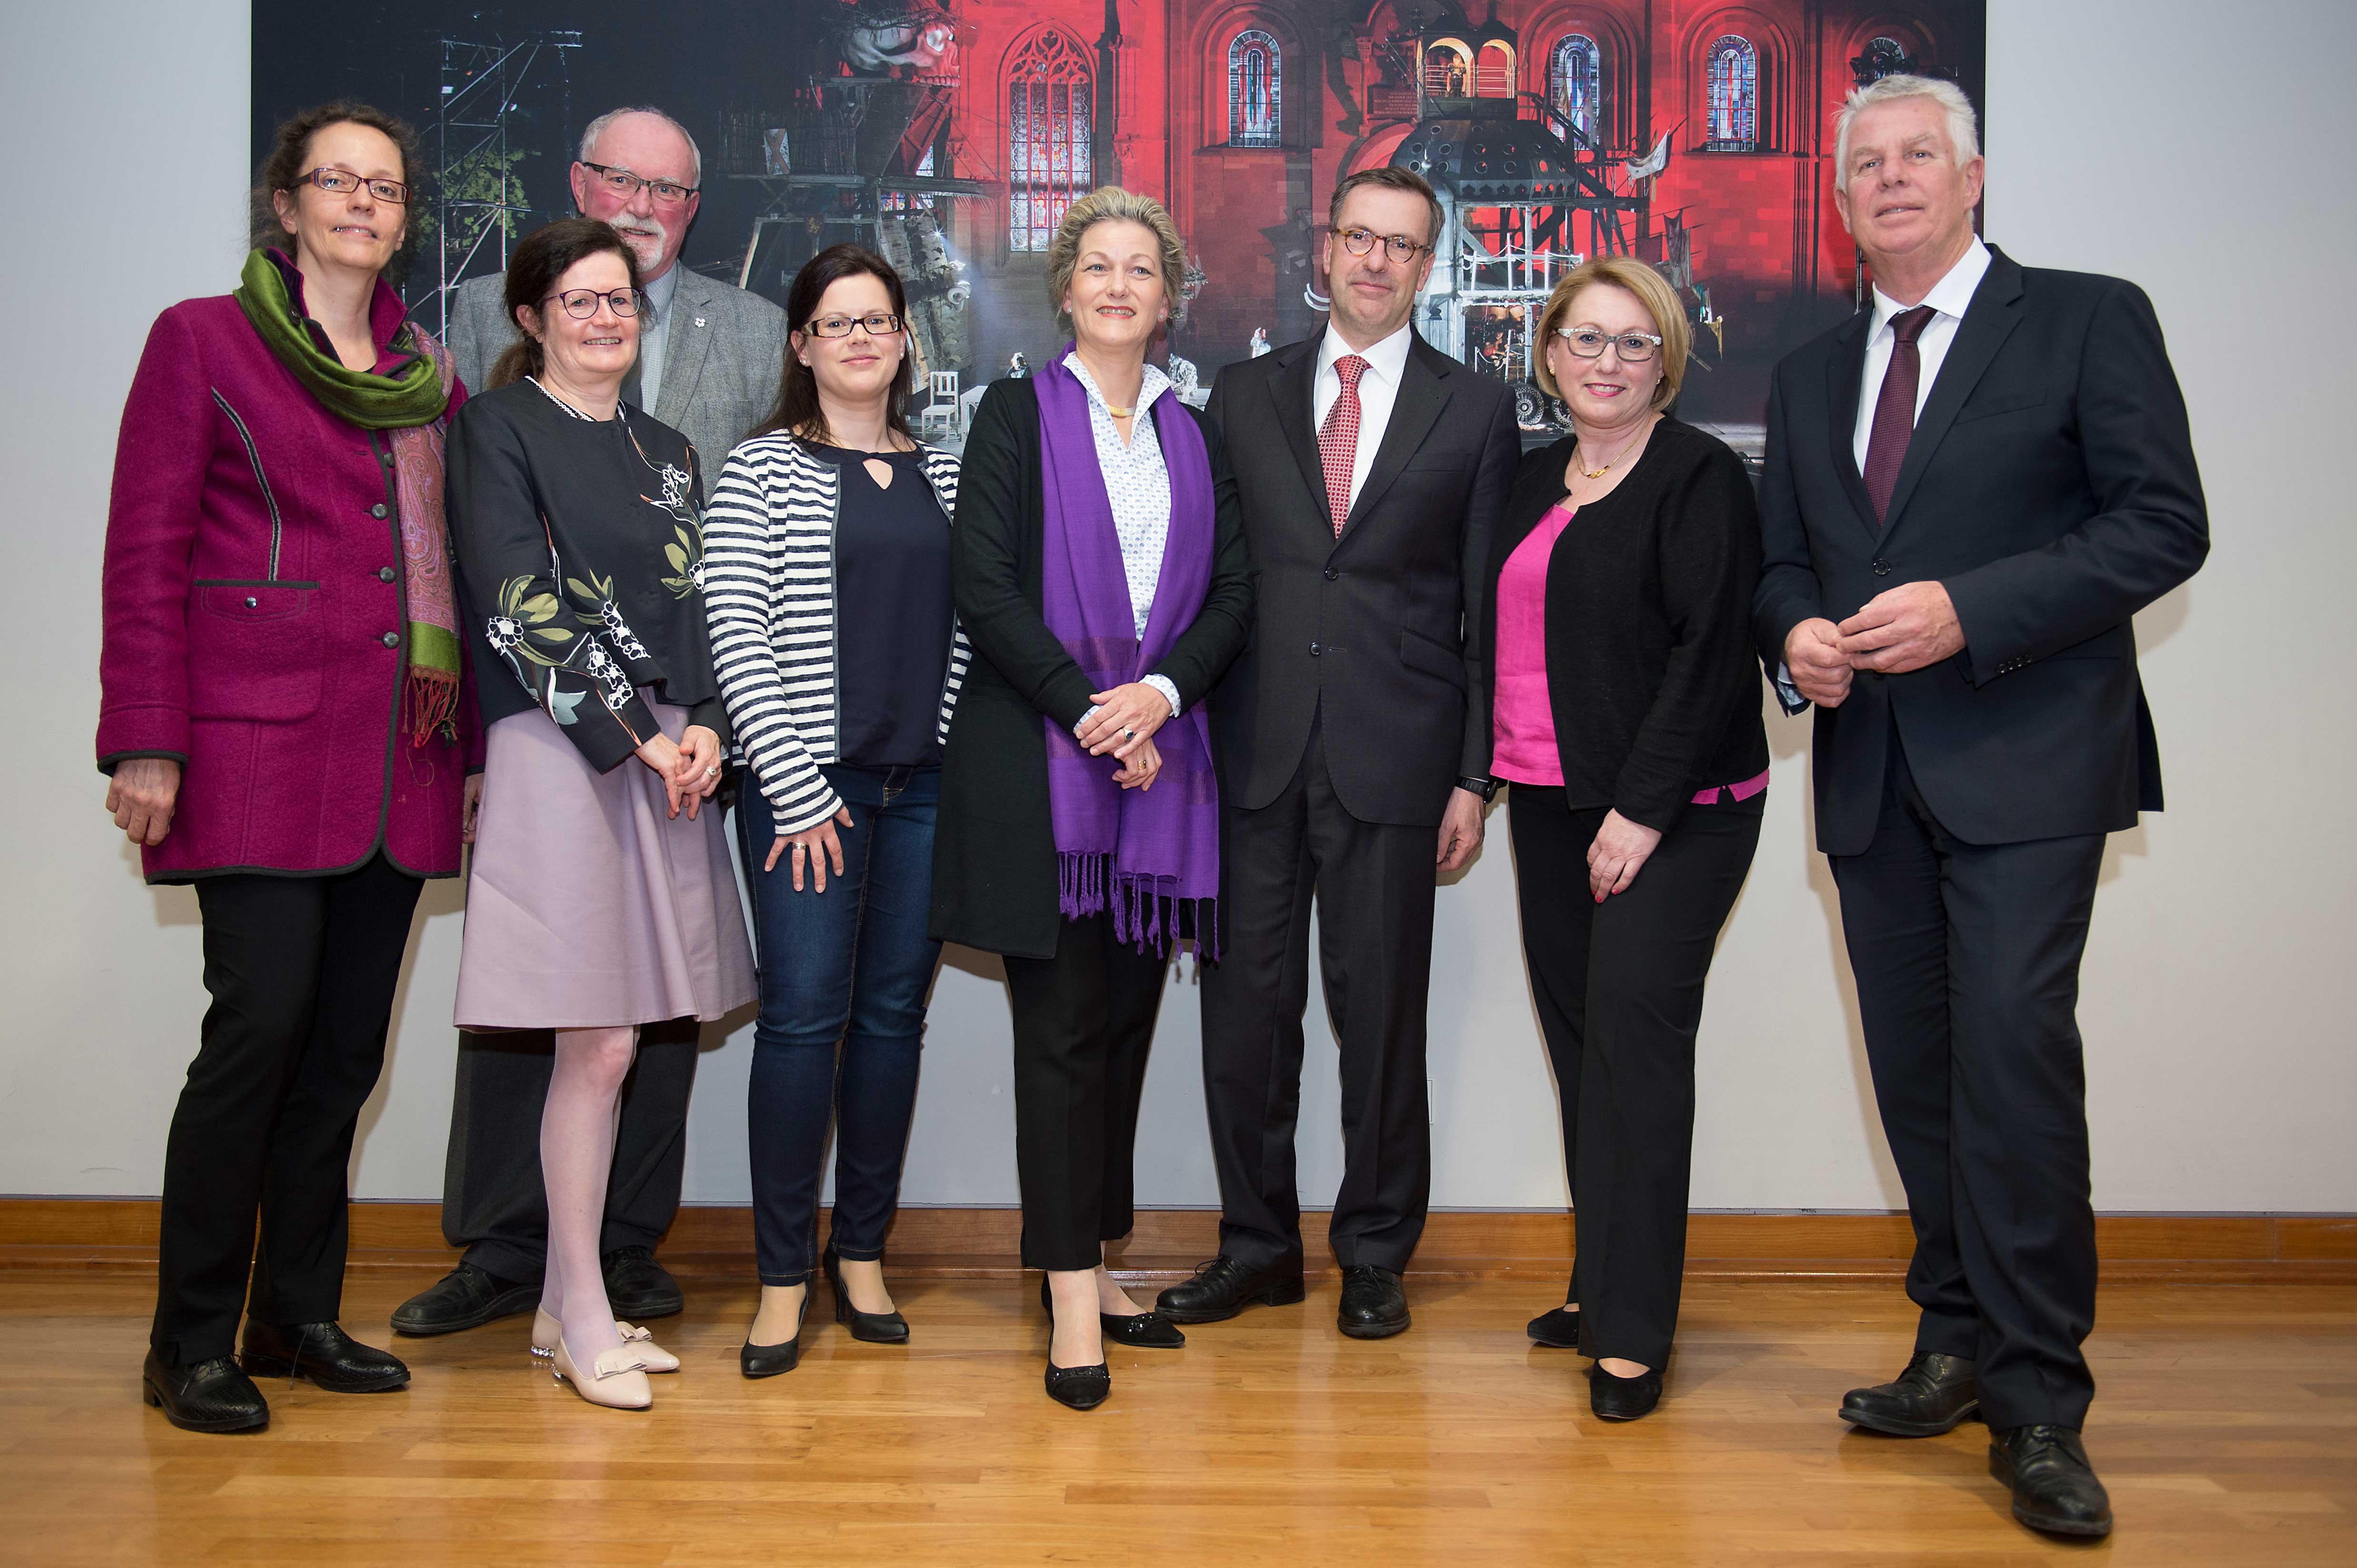 Der Freundeskreis-Vorstand mit Oberbürgermeister Michael Kissel. Quelle: Nibelungenkurier